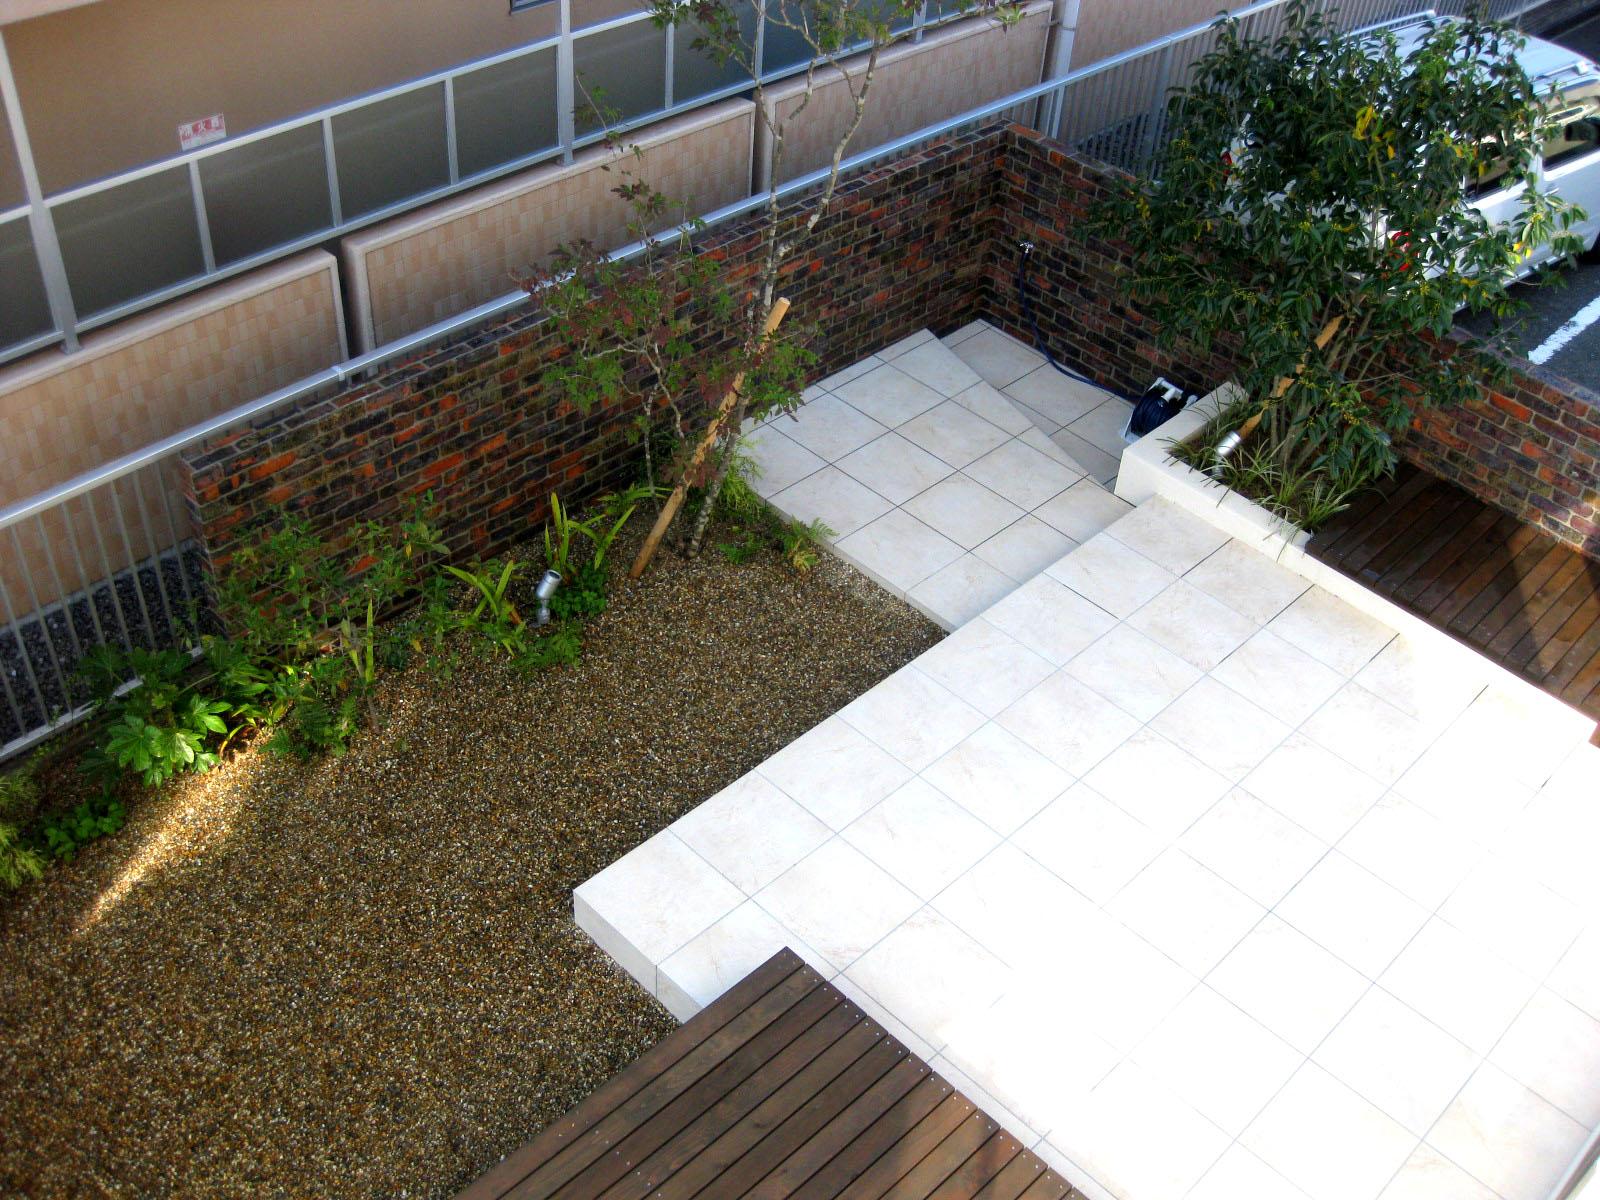 ザシーズン学園前(奈良市、生駒市)、リビング・ダイニングをつなぐ、ウッドデッキとタイルテラスのお庭